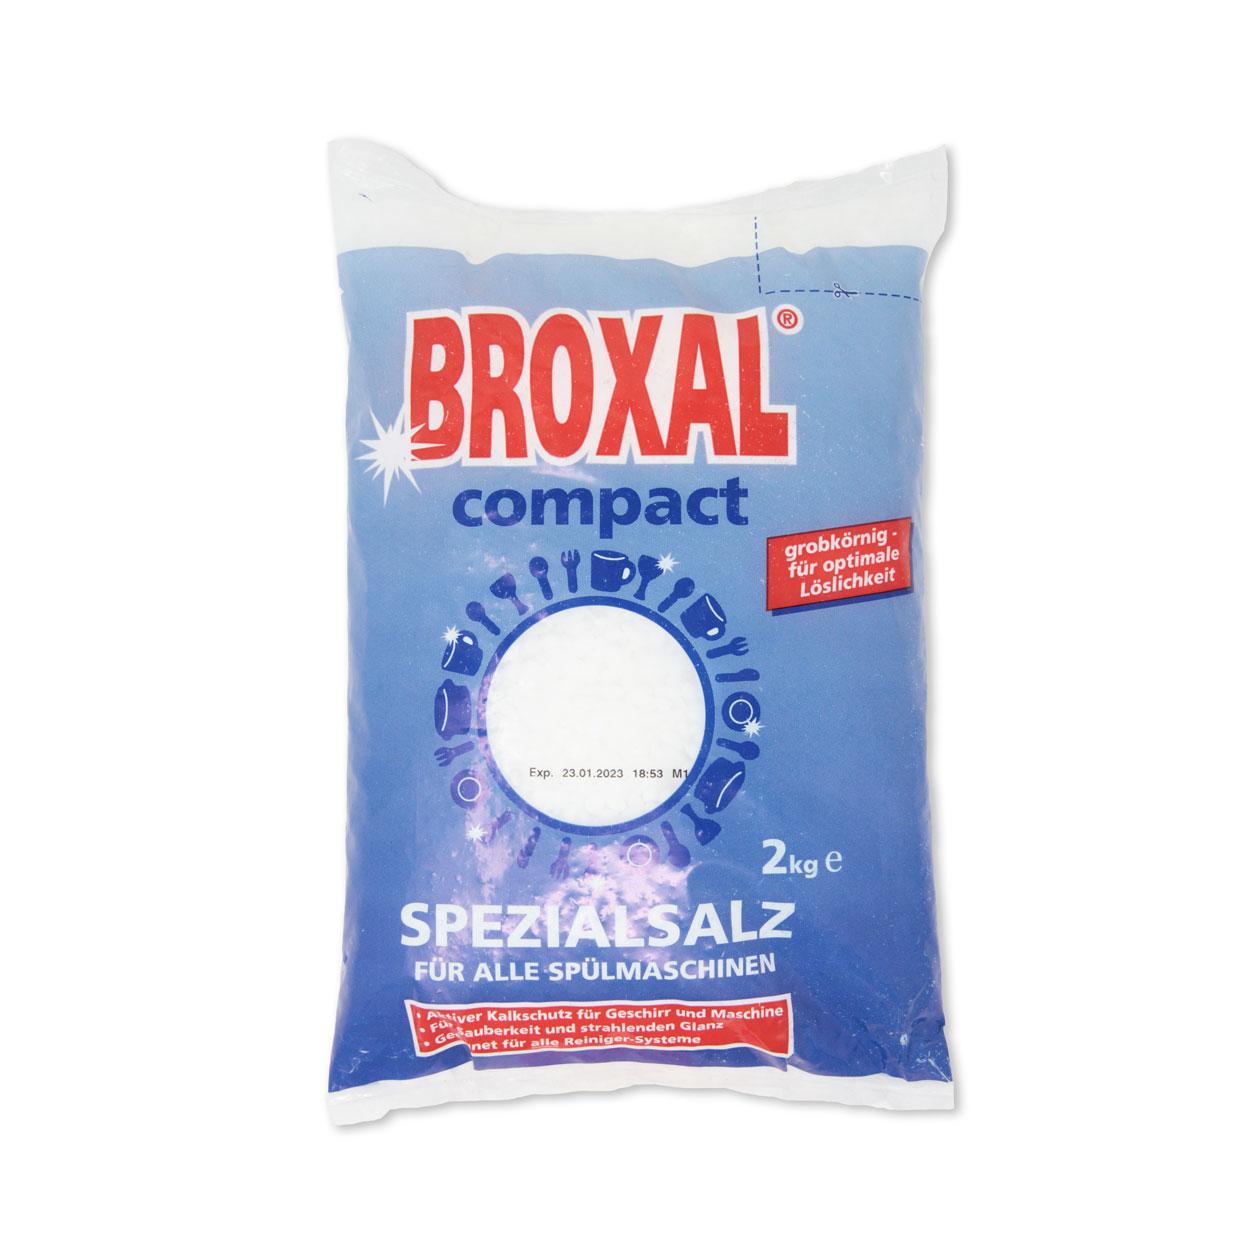 Broxal Regeneriersalz, grob 2 kg-Beutel